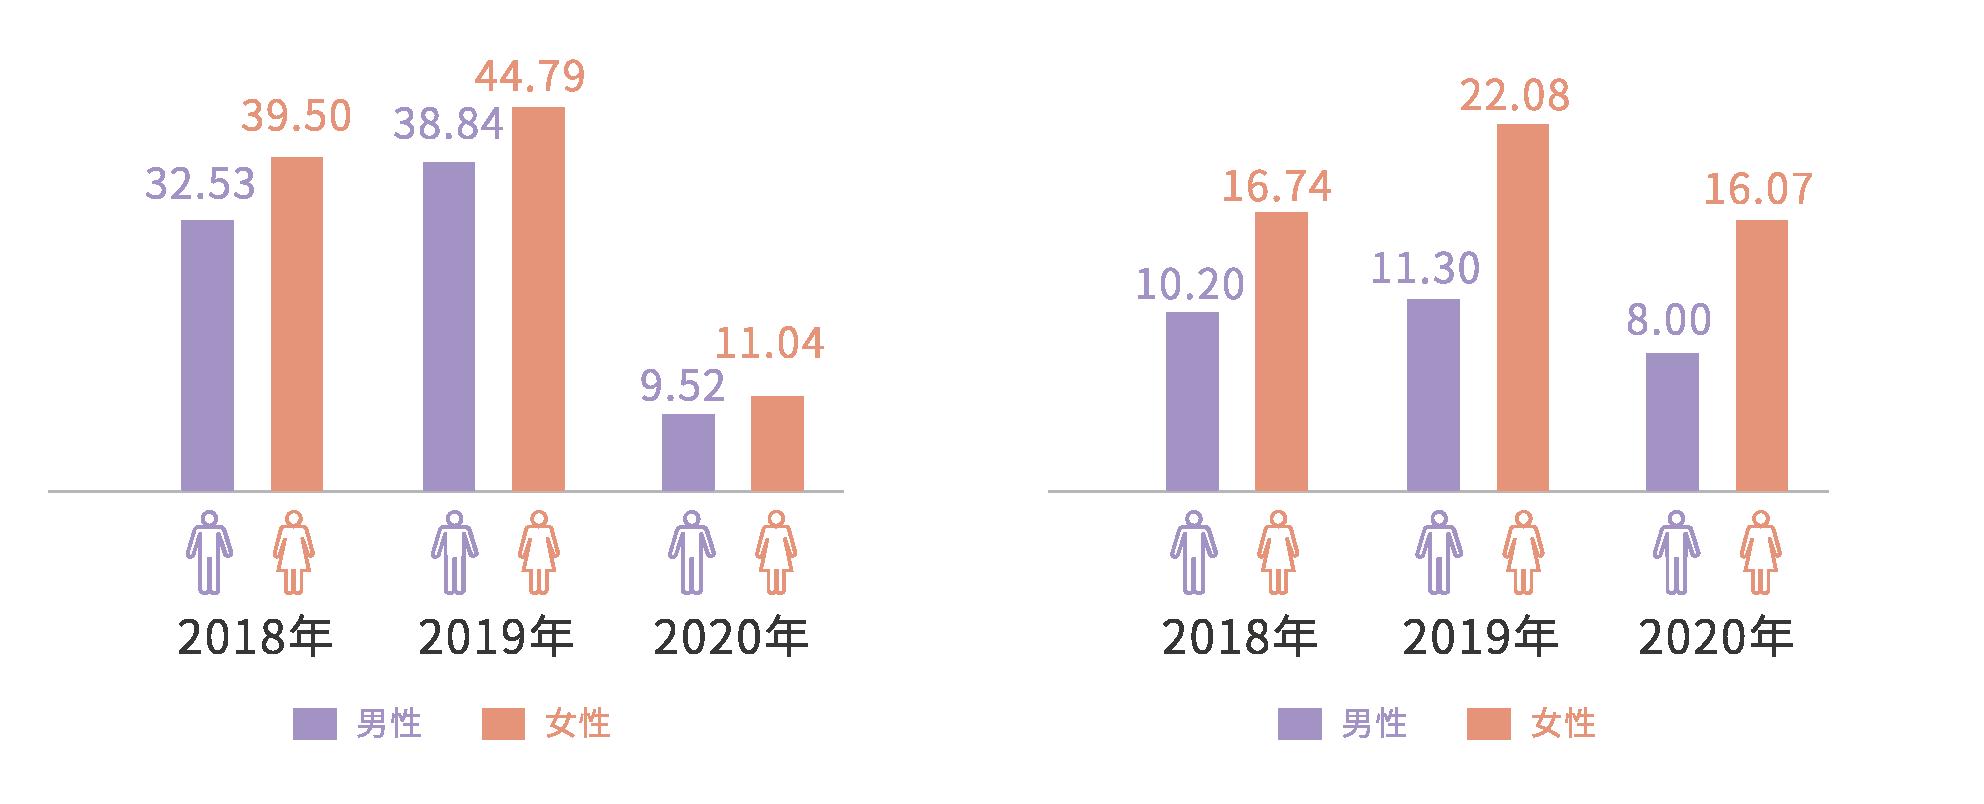 主管人員平均實體受訓時數(左圖)及非主管人員平均實體受訓時數(右圖)